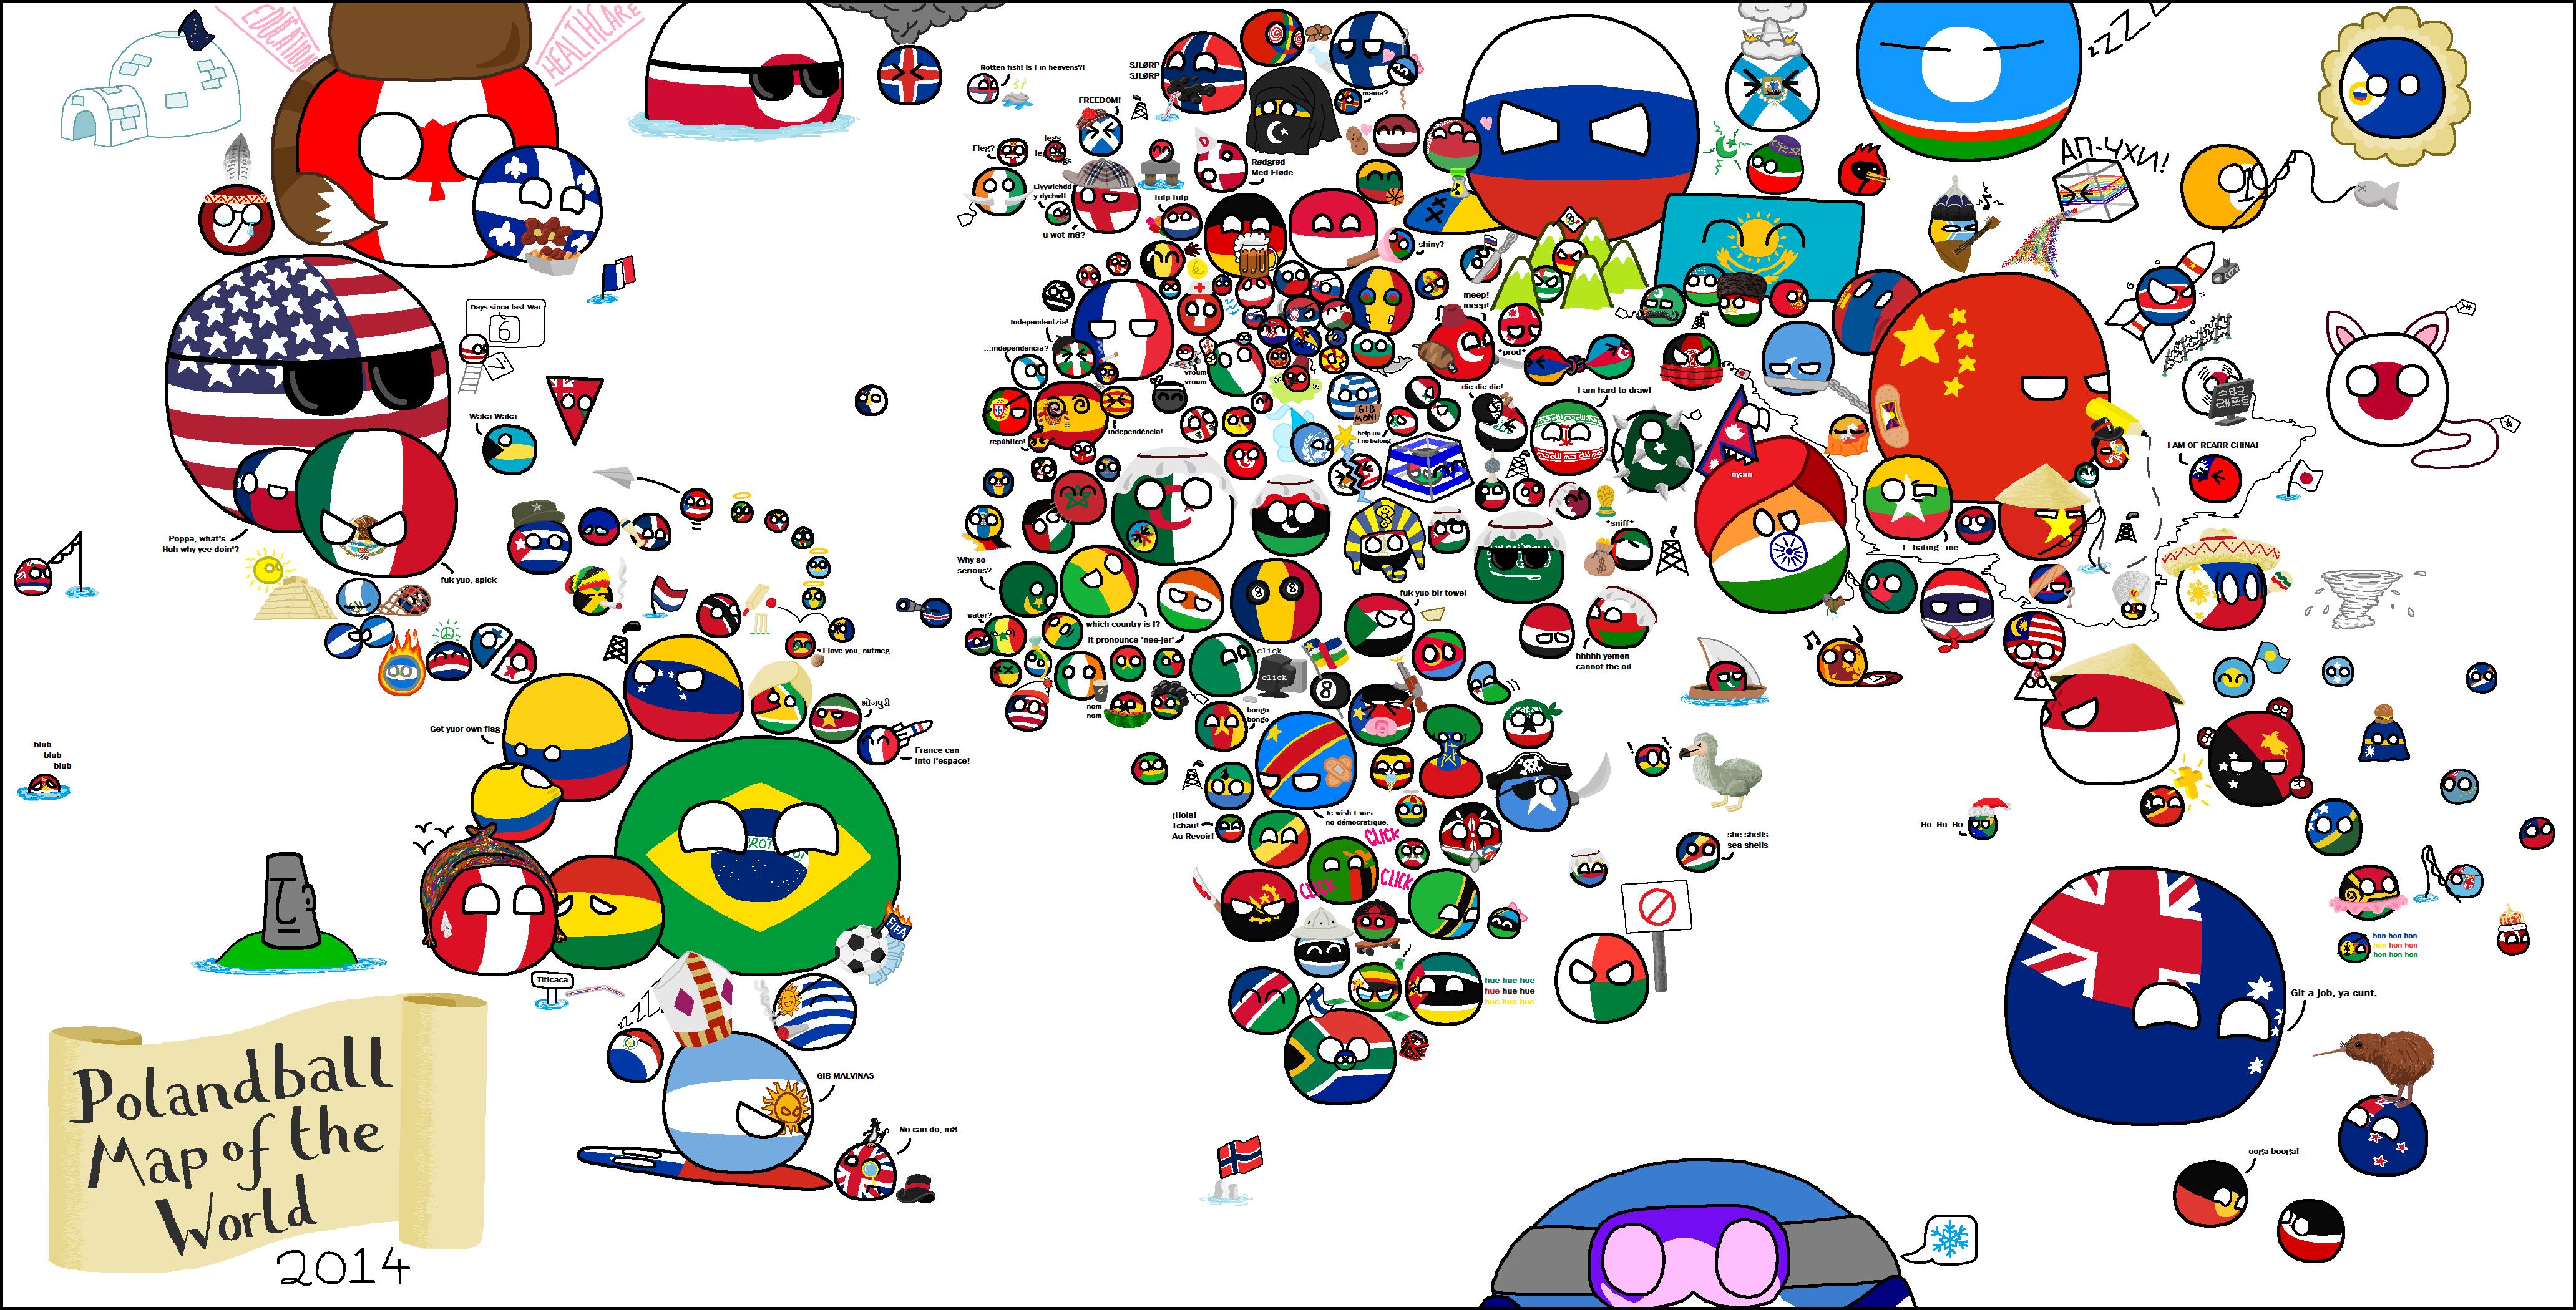 Polandball Map Of The World 2017.Polandball Map Of The World 2014 Weird Nerdy Stuffs World